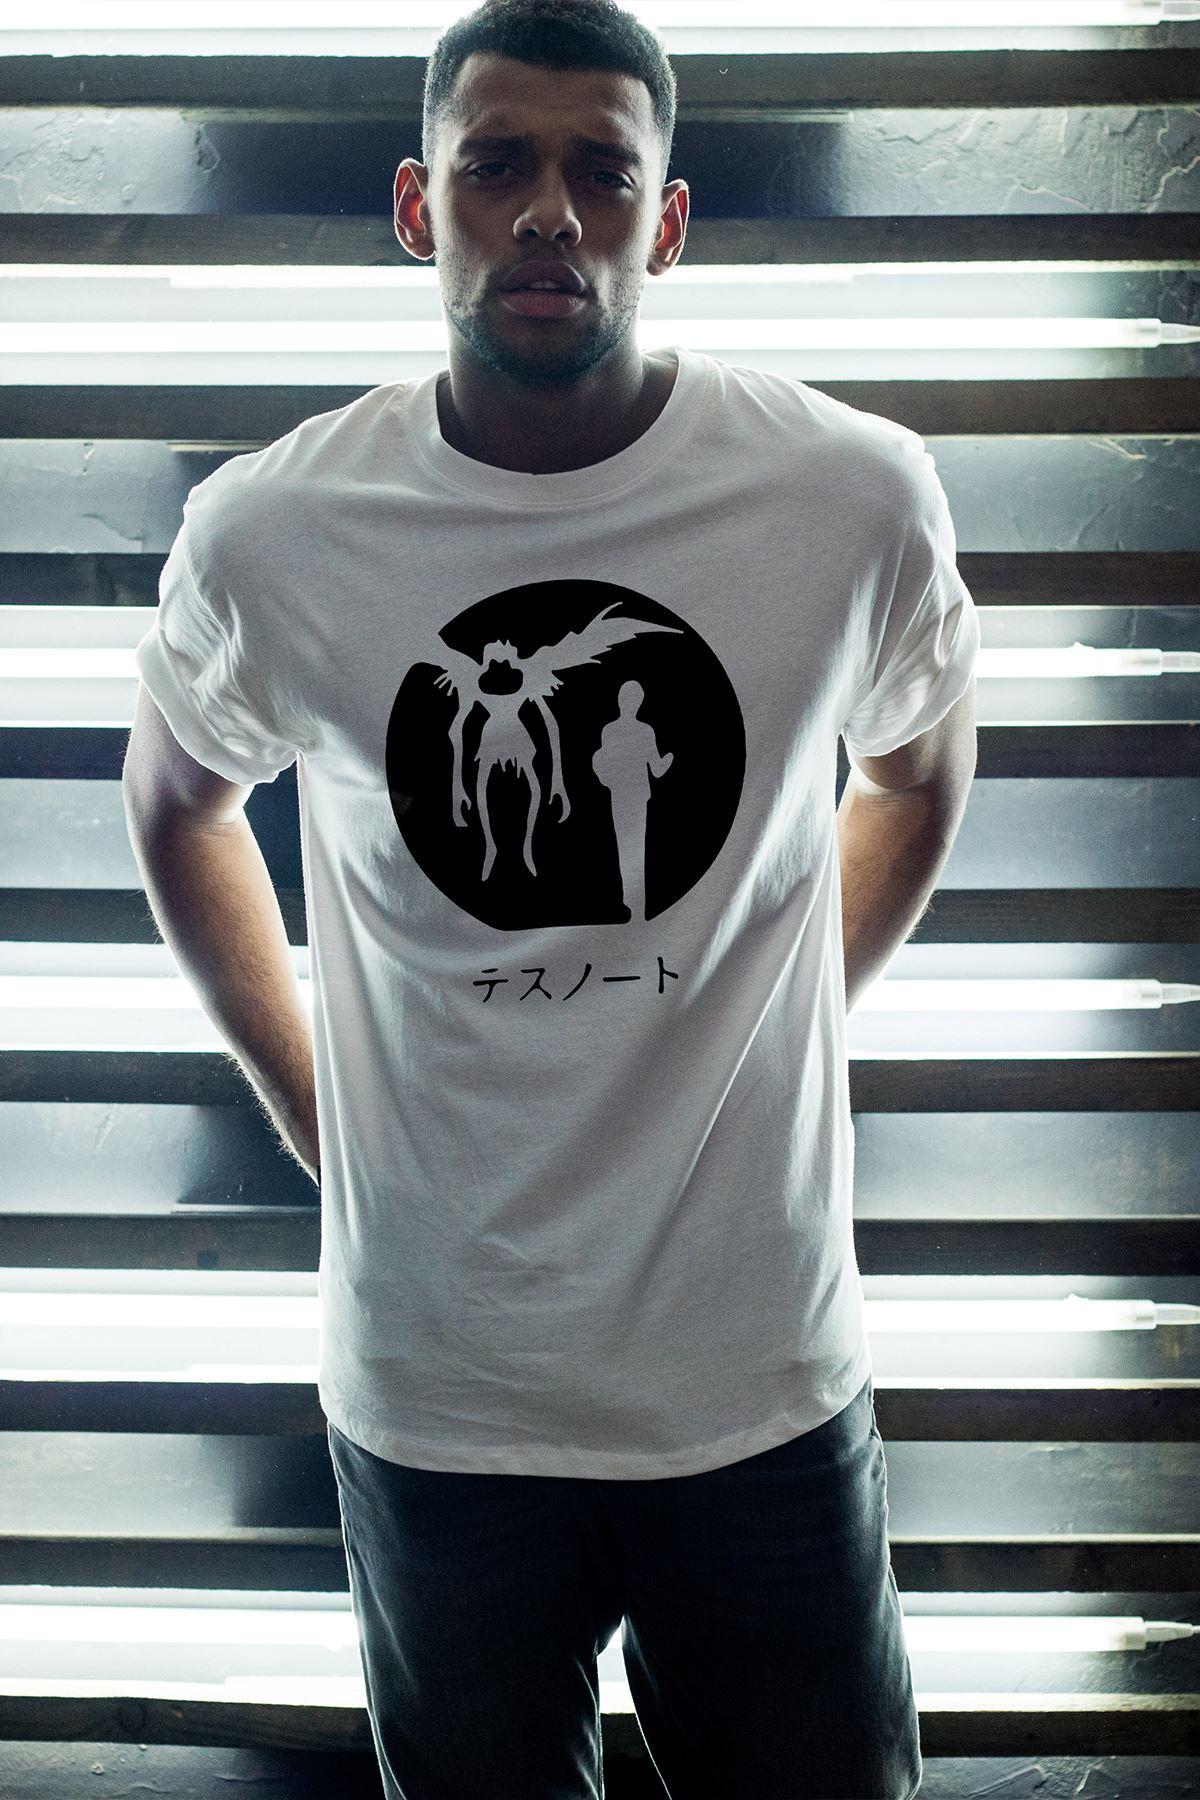 Anime Death Note 12 Beyaz Erkek Oversize Tshirt - Tişört